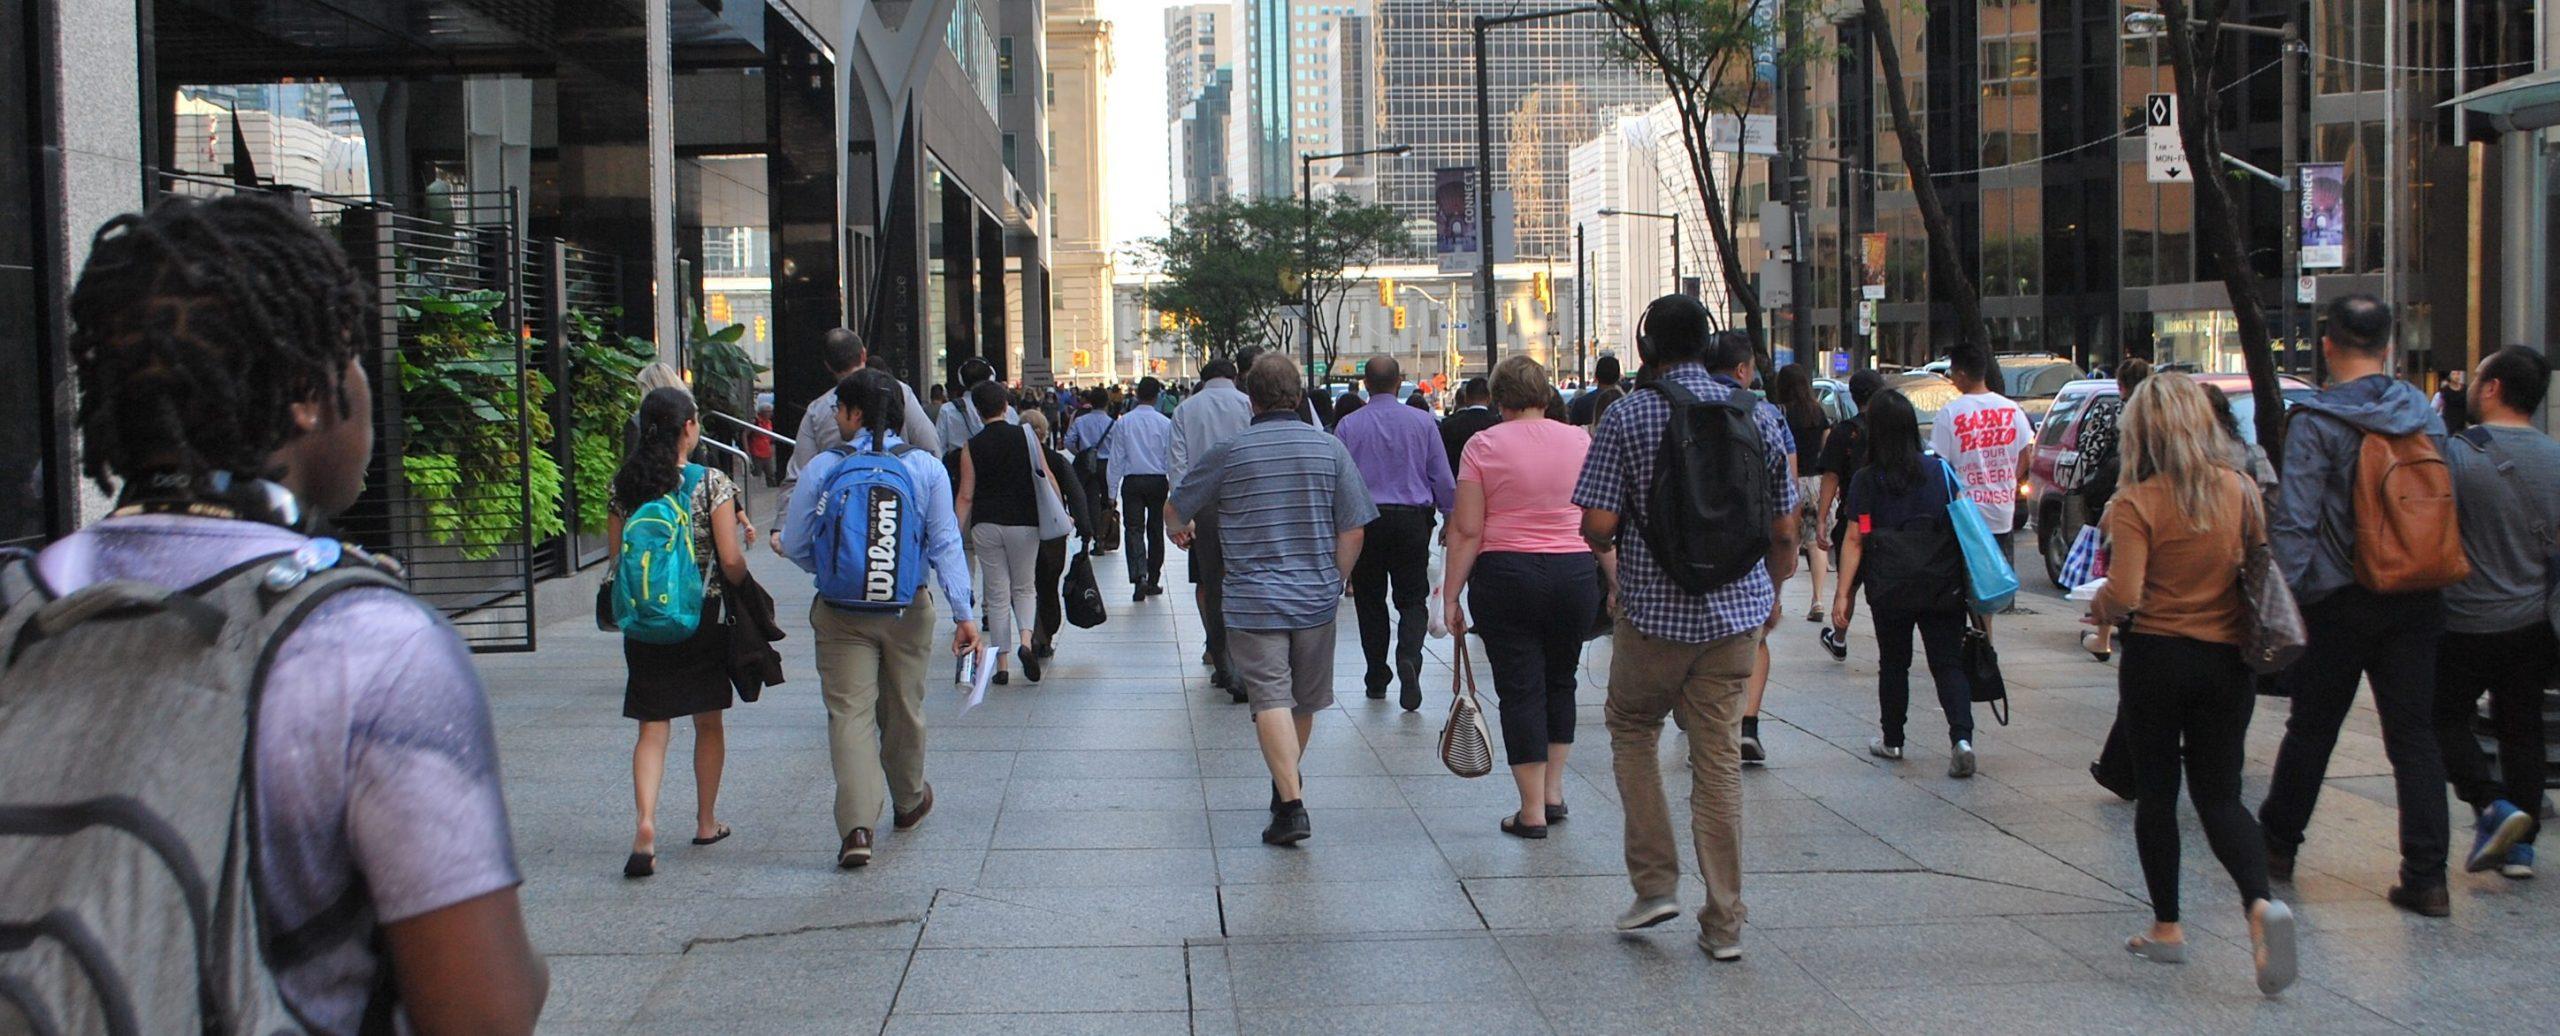 91dd-Walking-e1510075042911